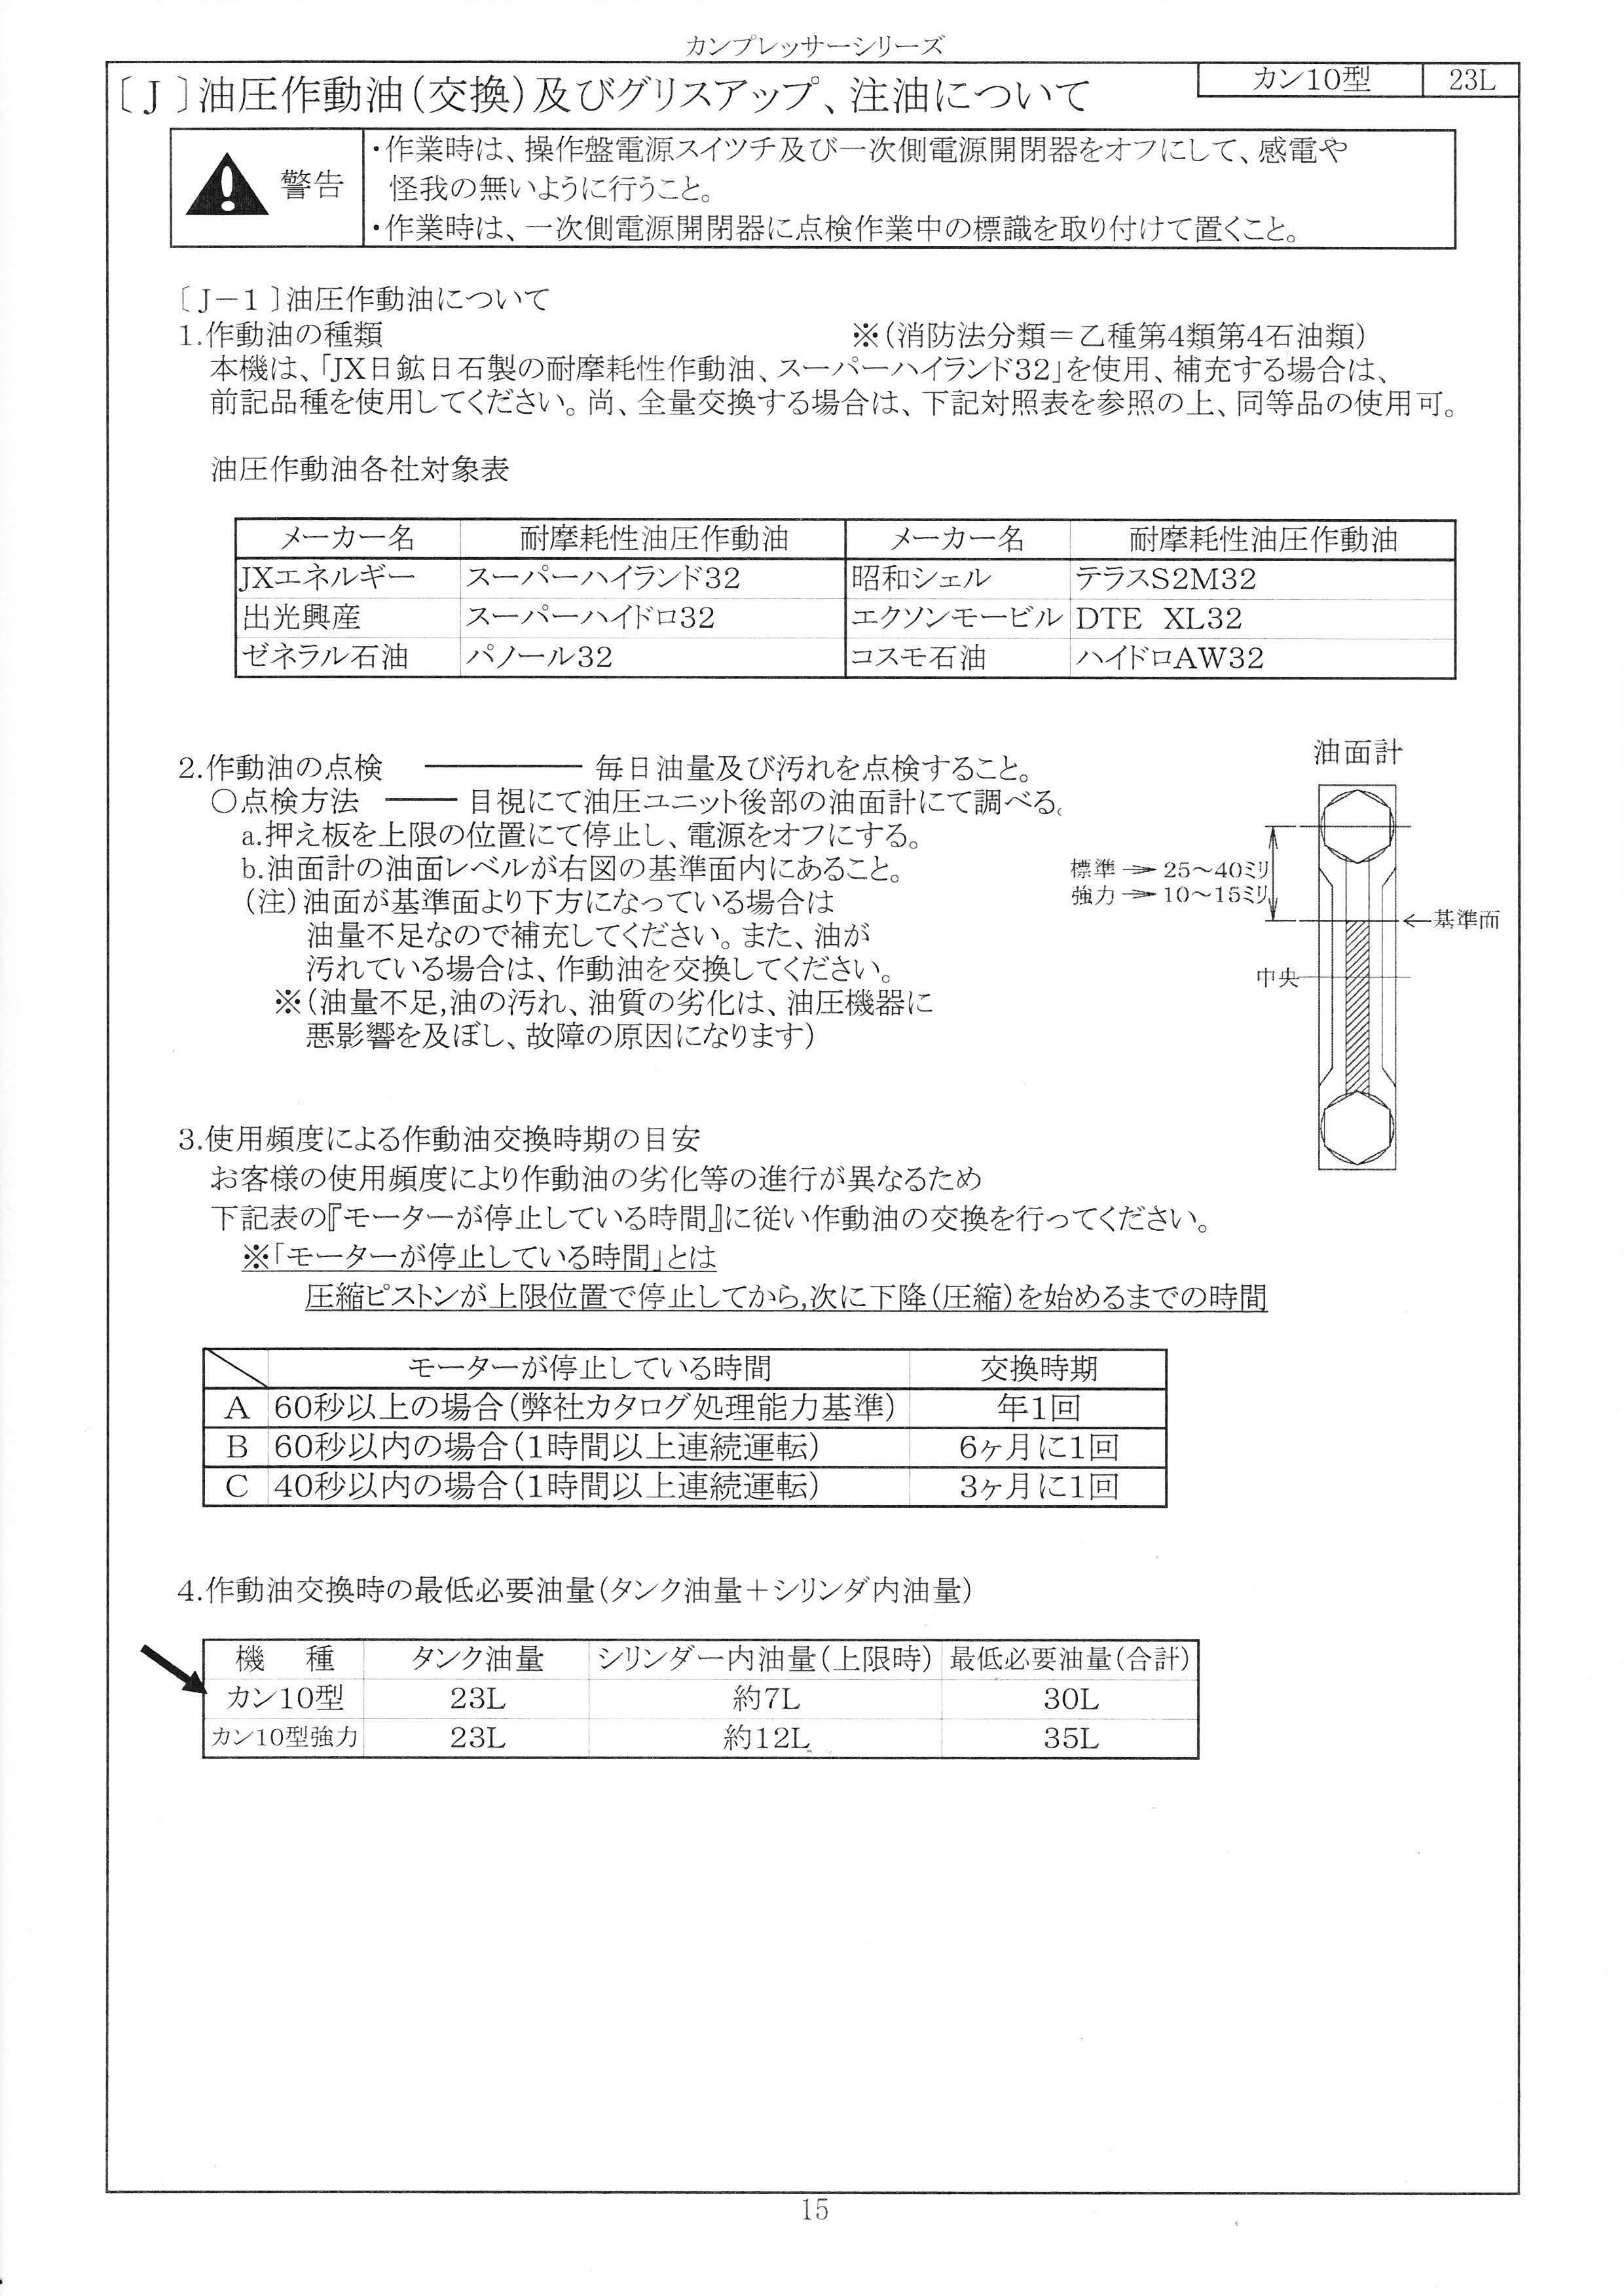 カンプレッサー10型(更油資料)